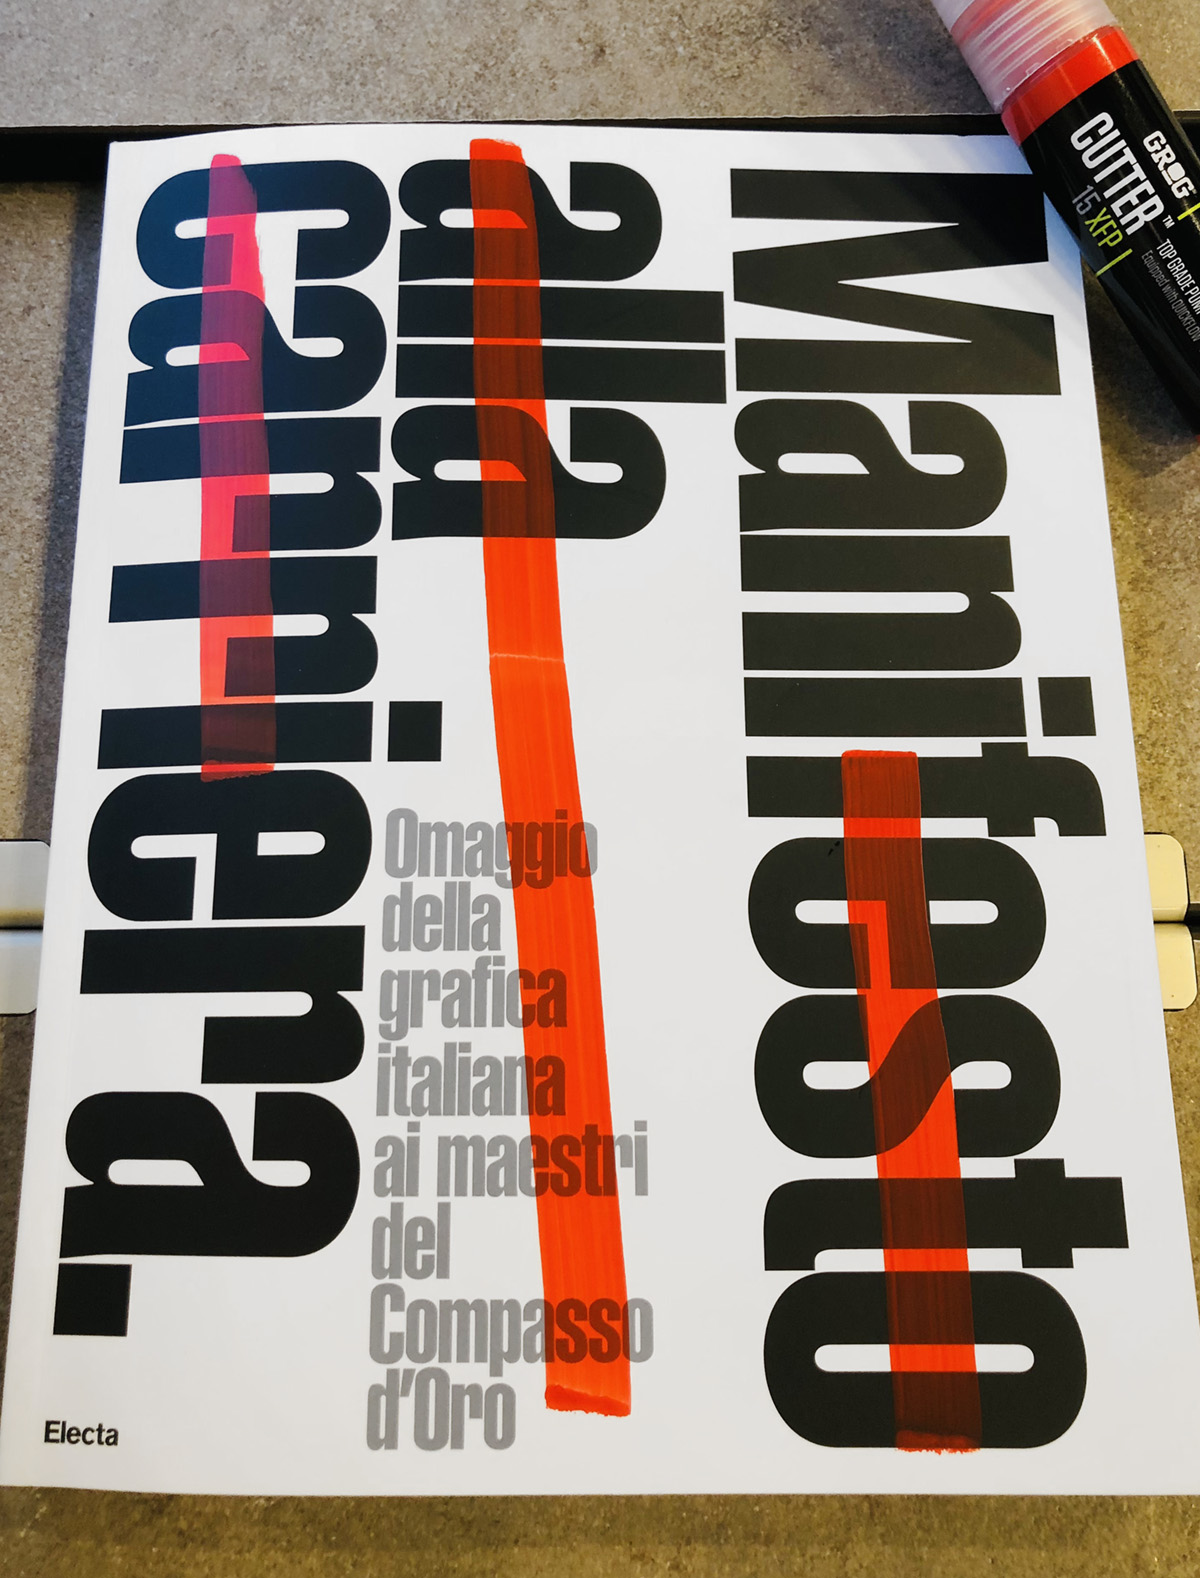 Manifesto-alla-CarrieraCompasso-dOro-1958Den-Permanente-004